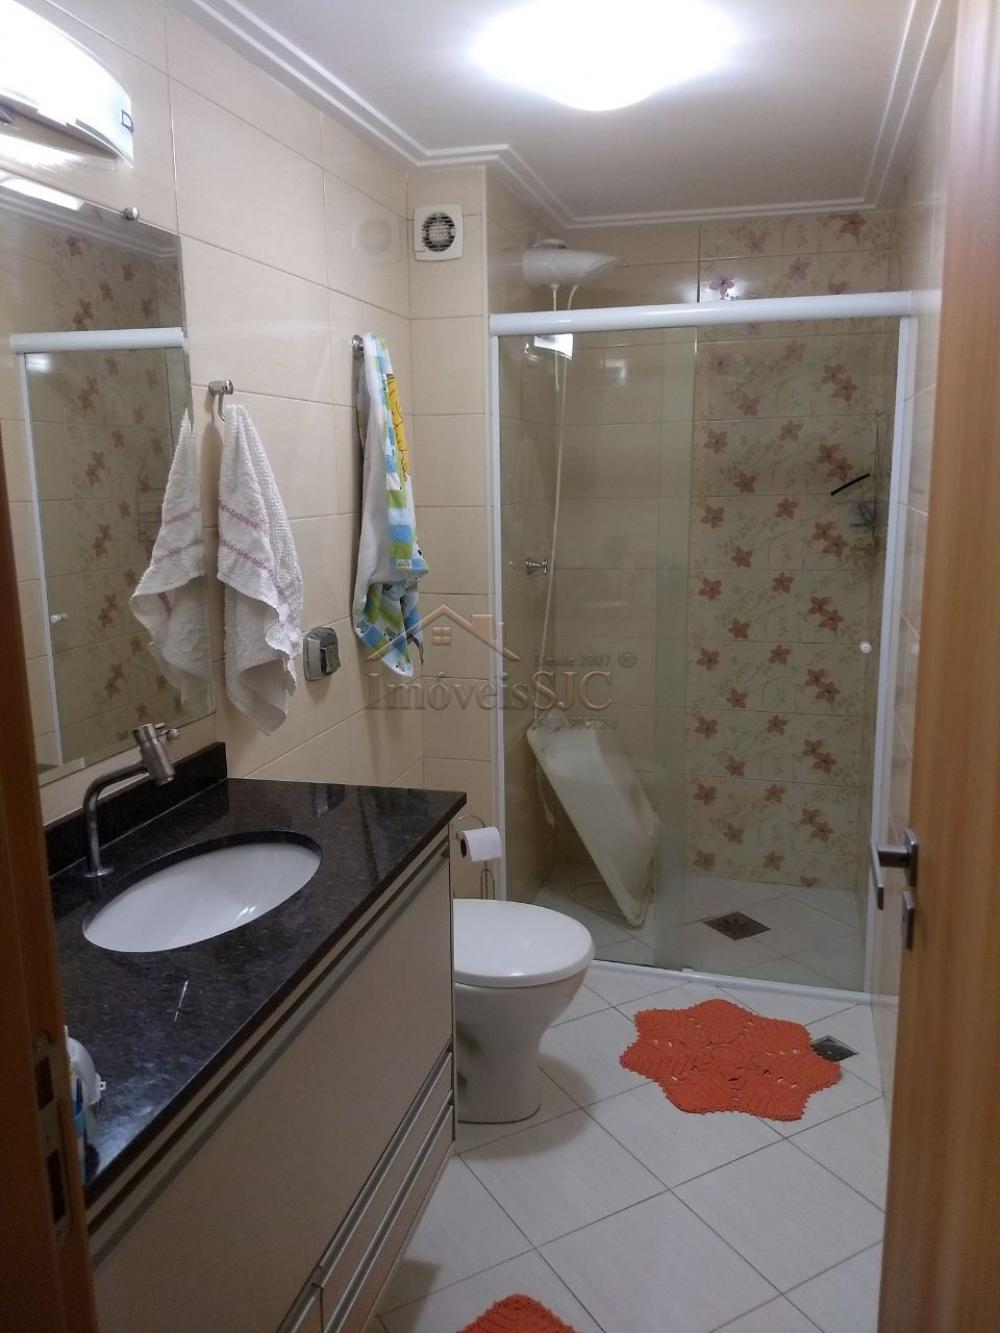 Comprar Apartamentos / Padrão em São José dos Campos apenas R$ 360.000,00 - Foto 11